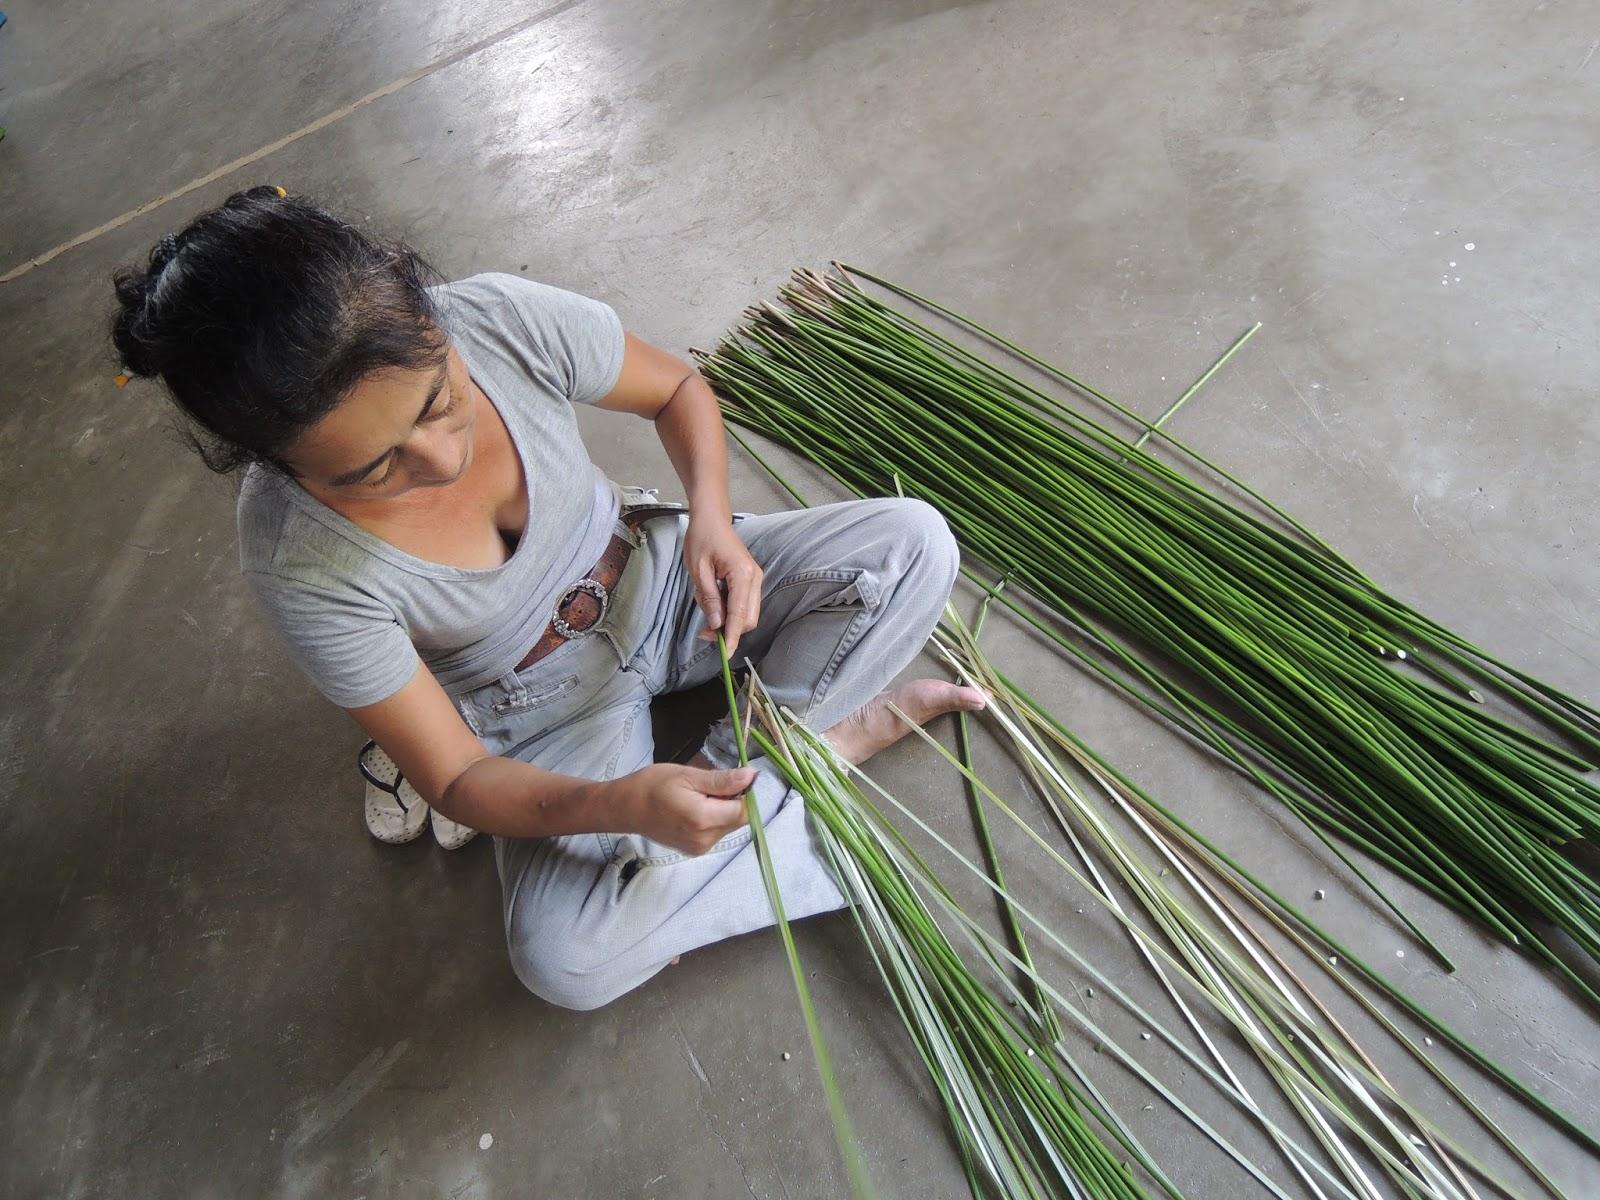 專題訪問|吹進生活裡的風,設計工藝品牌 Kamaro'an 的發展之路